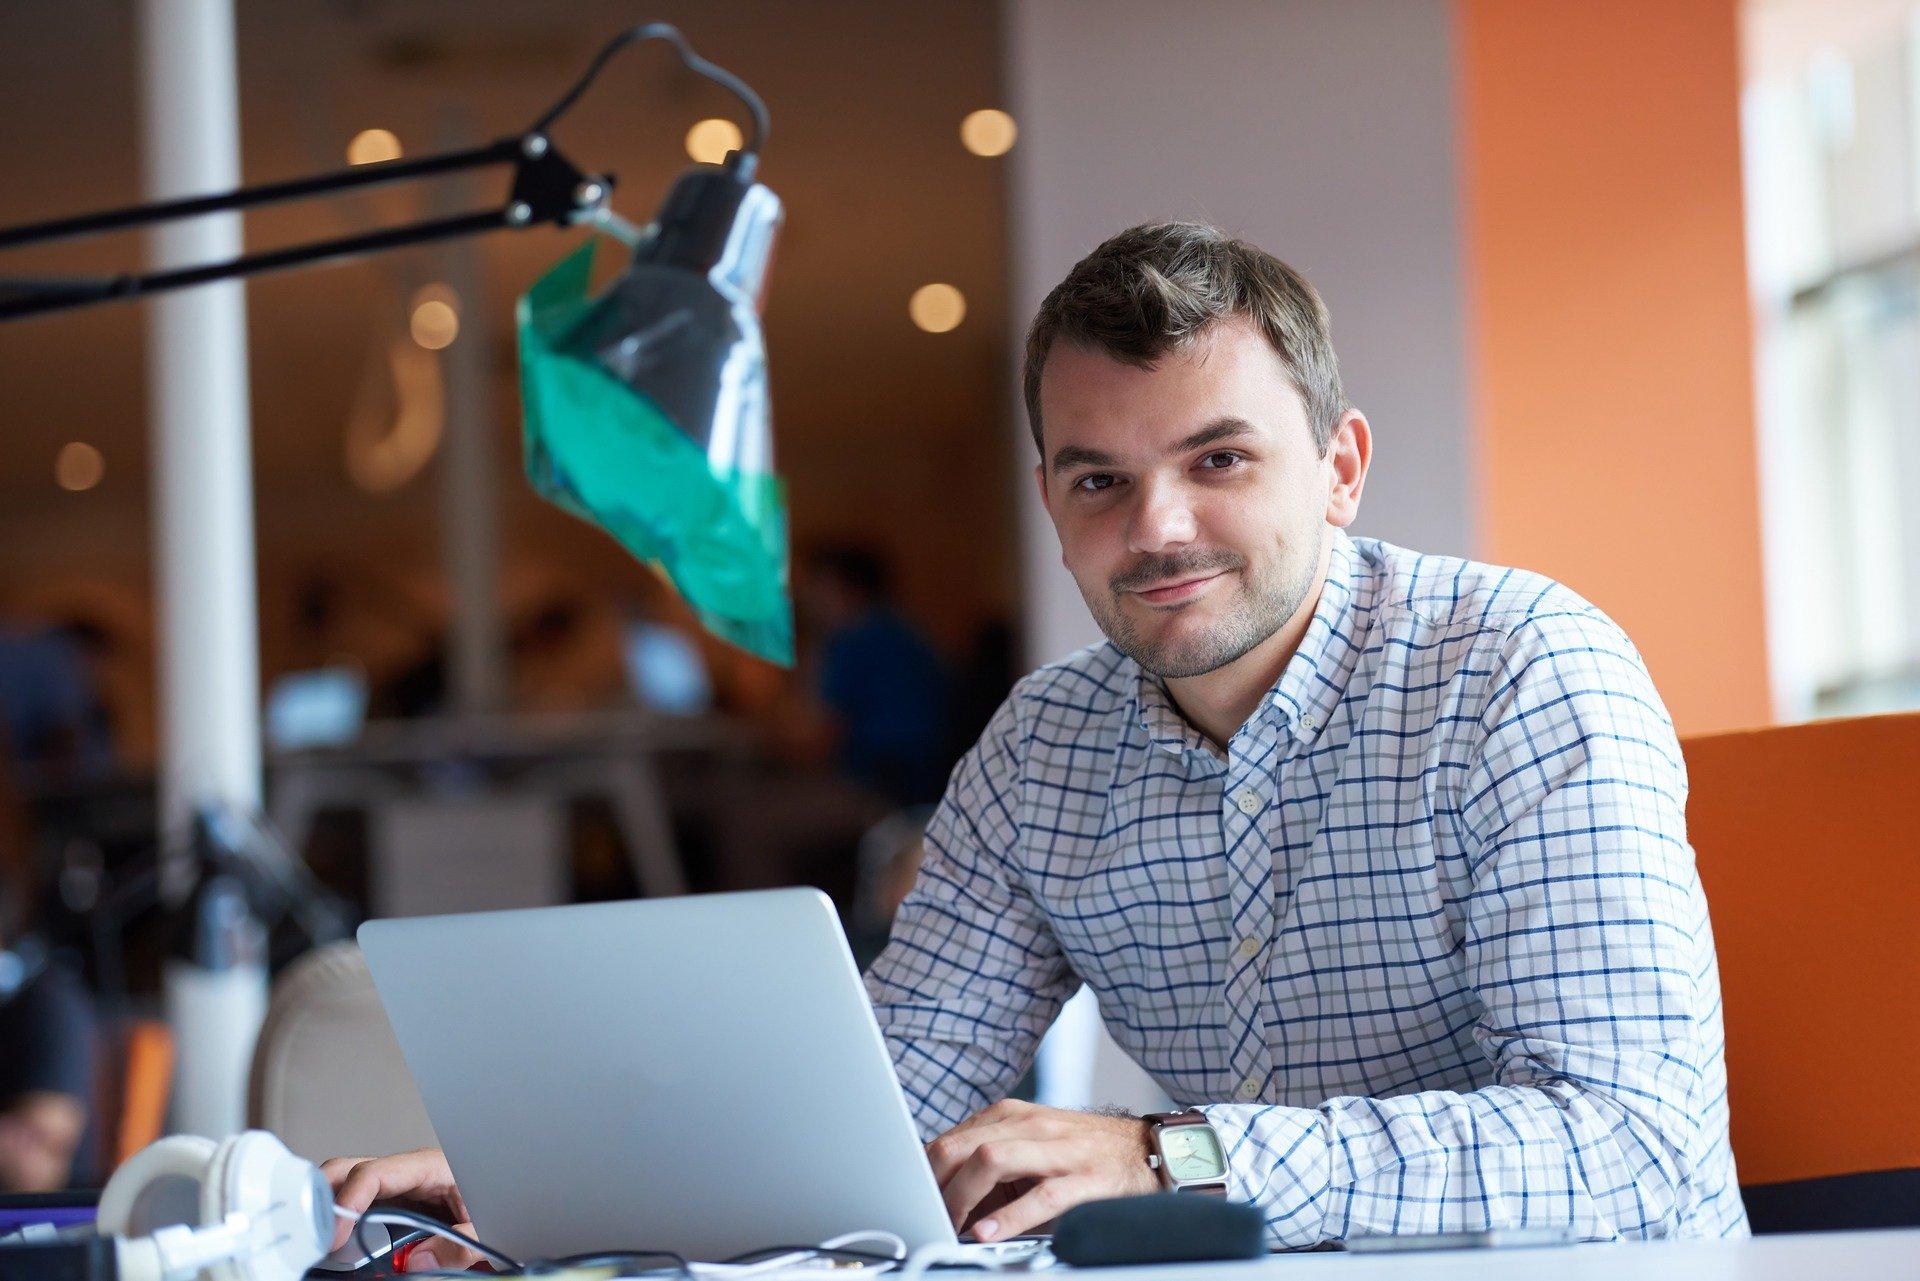 Programma Vitaal Bedrijf helpt bedrijven om met vitaliteit aan de slag te gaan